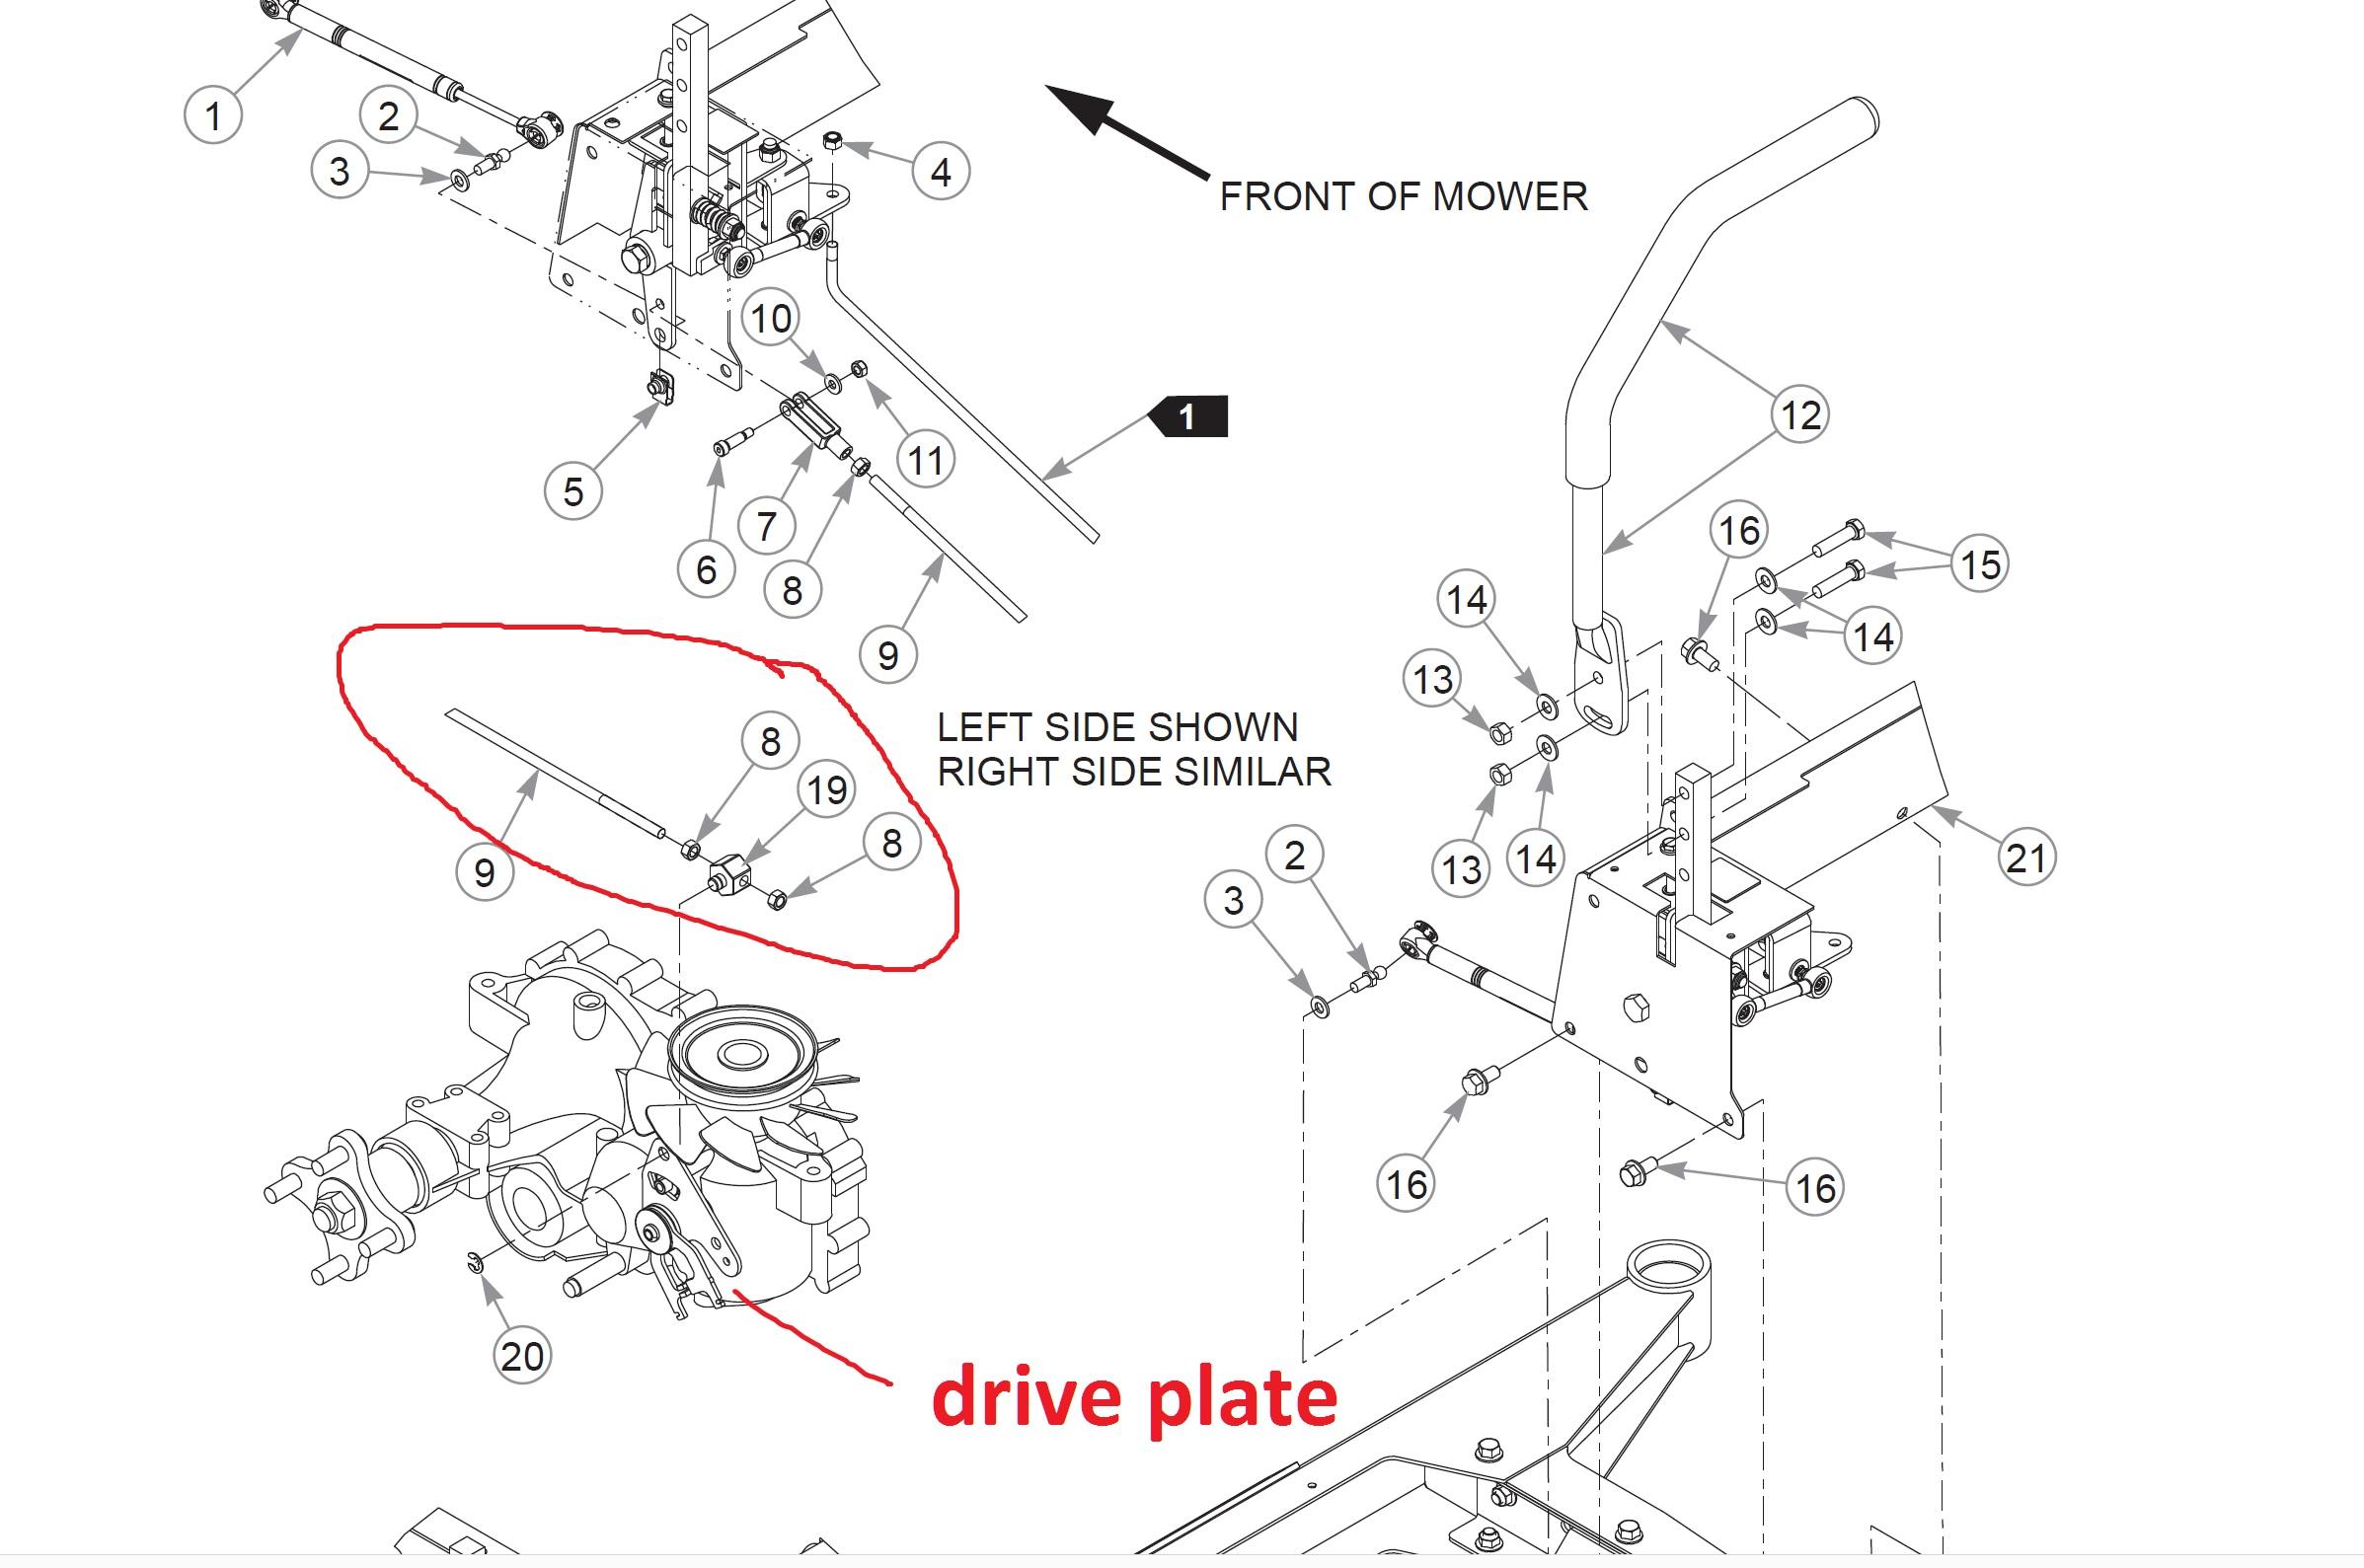 Hustler Raptor Drive Belt Replacement Manual Guide